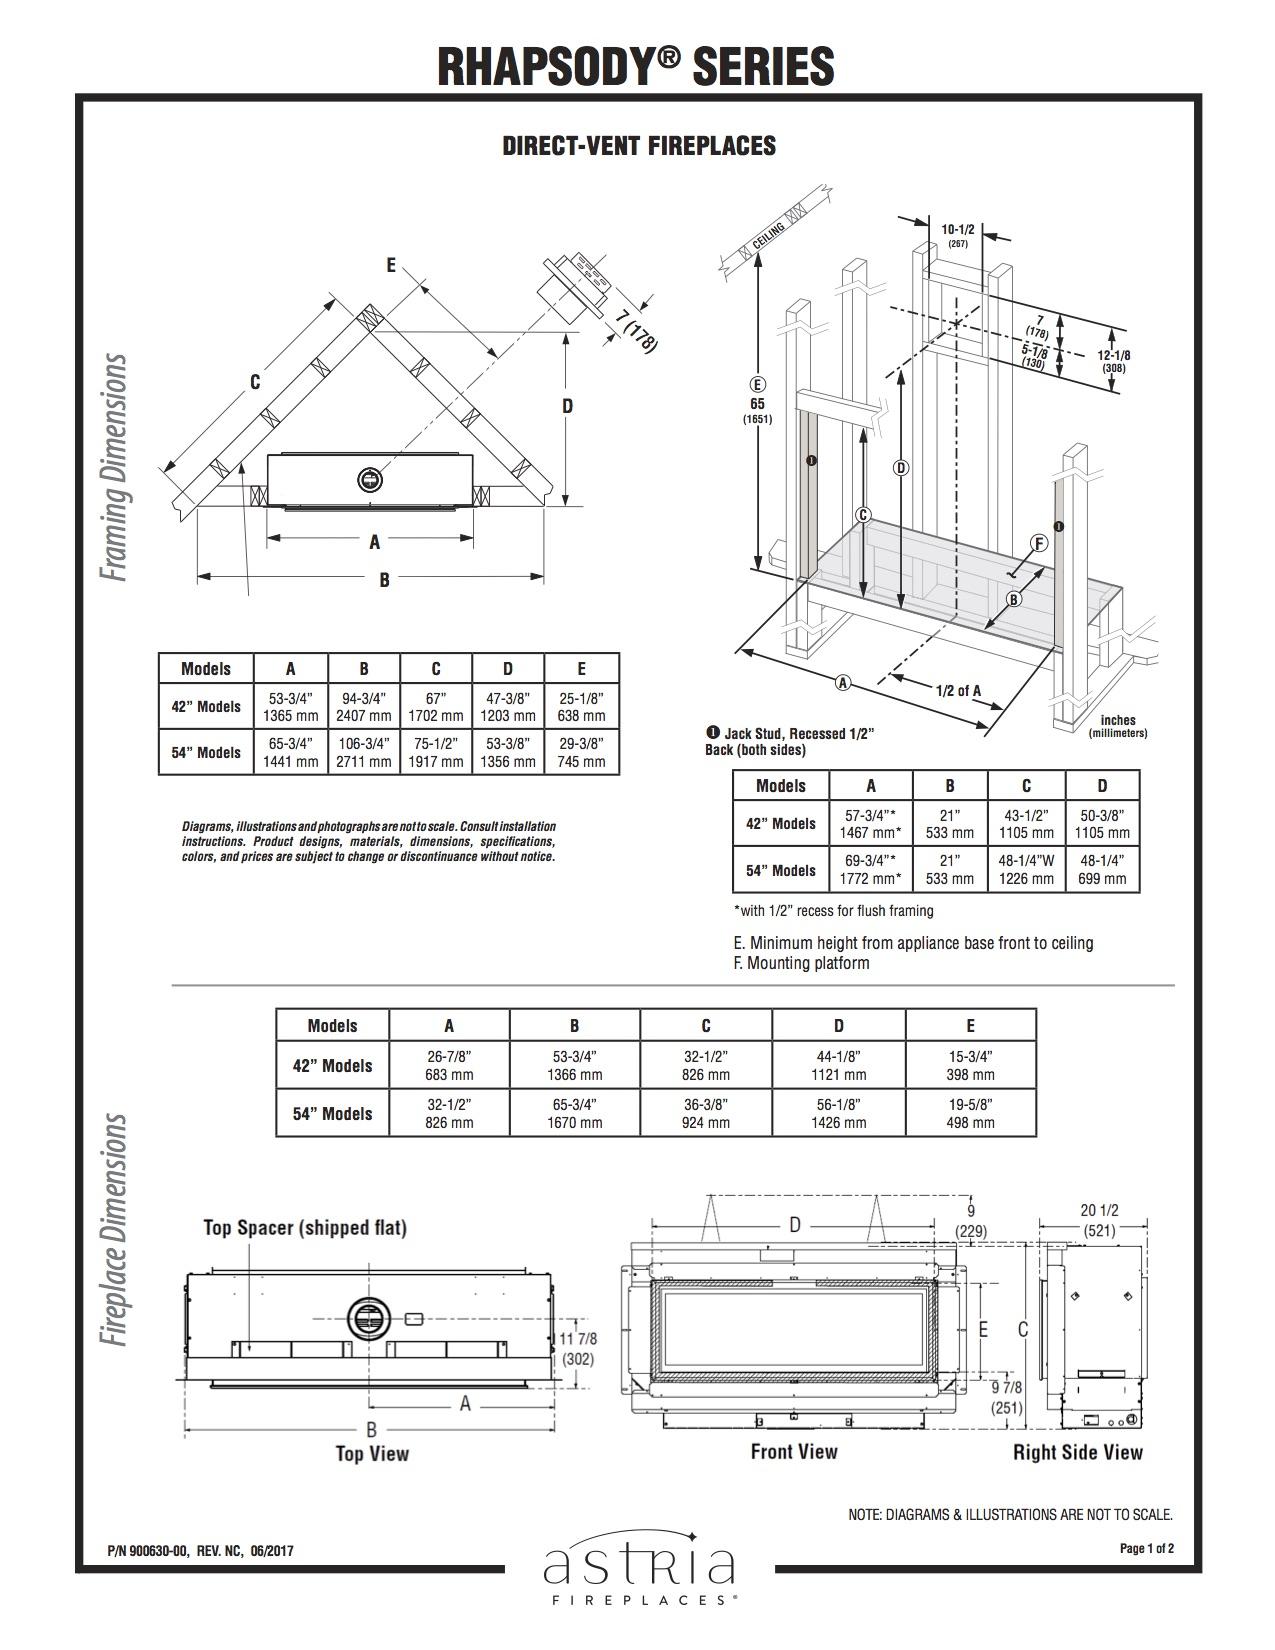 900630-00-nc-ast-rhapsody42-54ten-dv-fireplace-spec.jpg